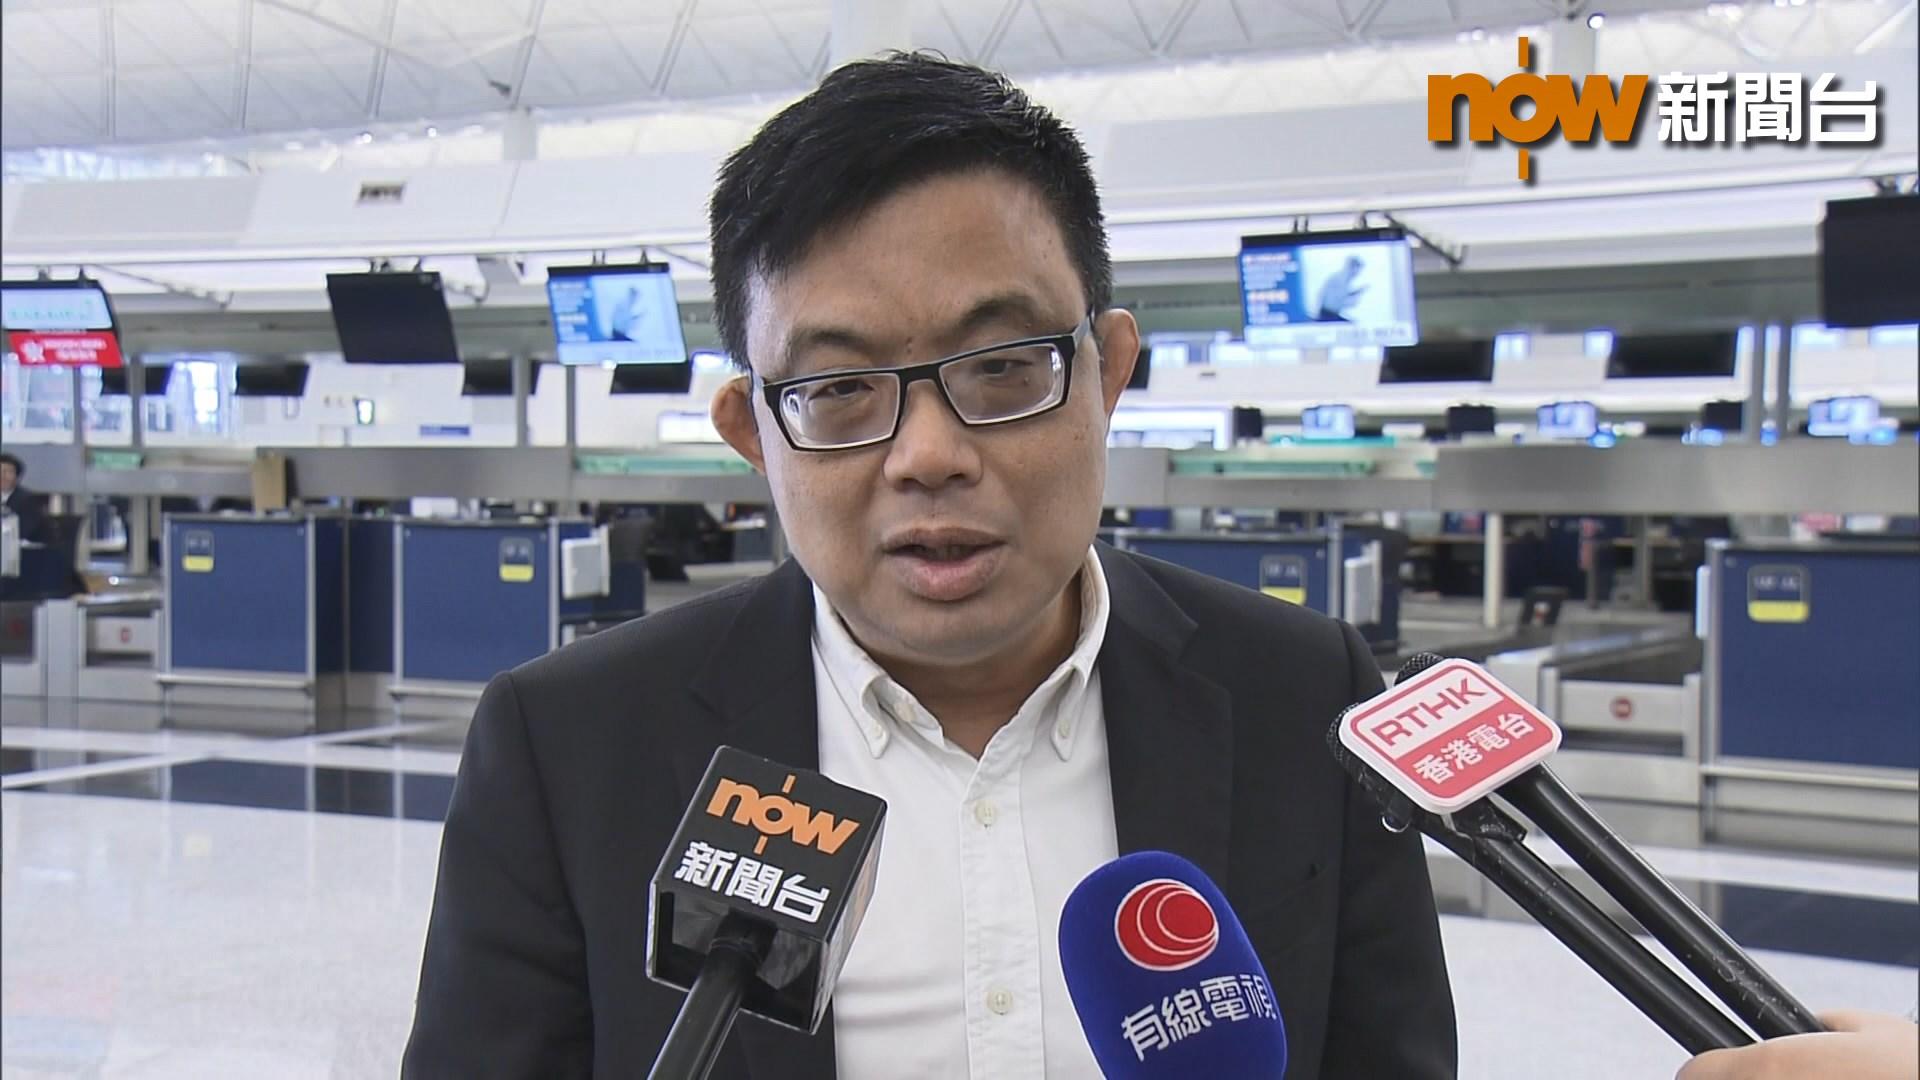 涂謹申往台灣與各黨派立委商討逃犯條例